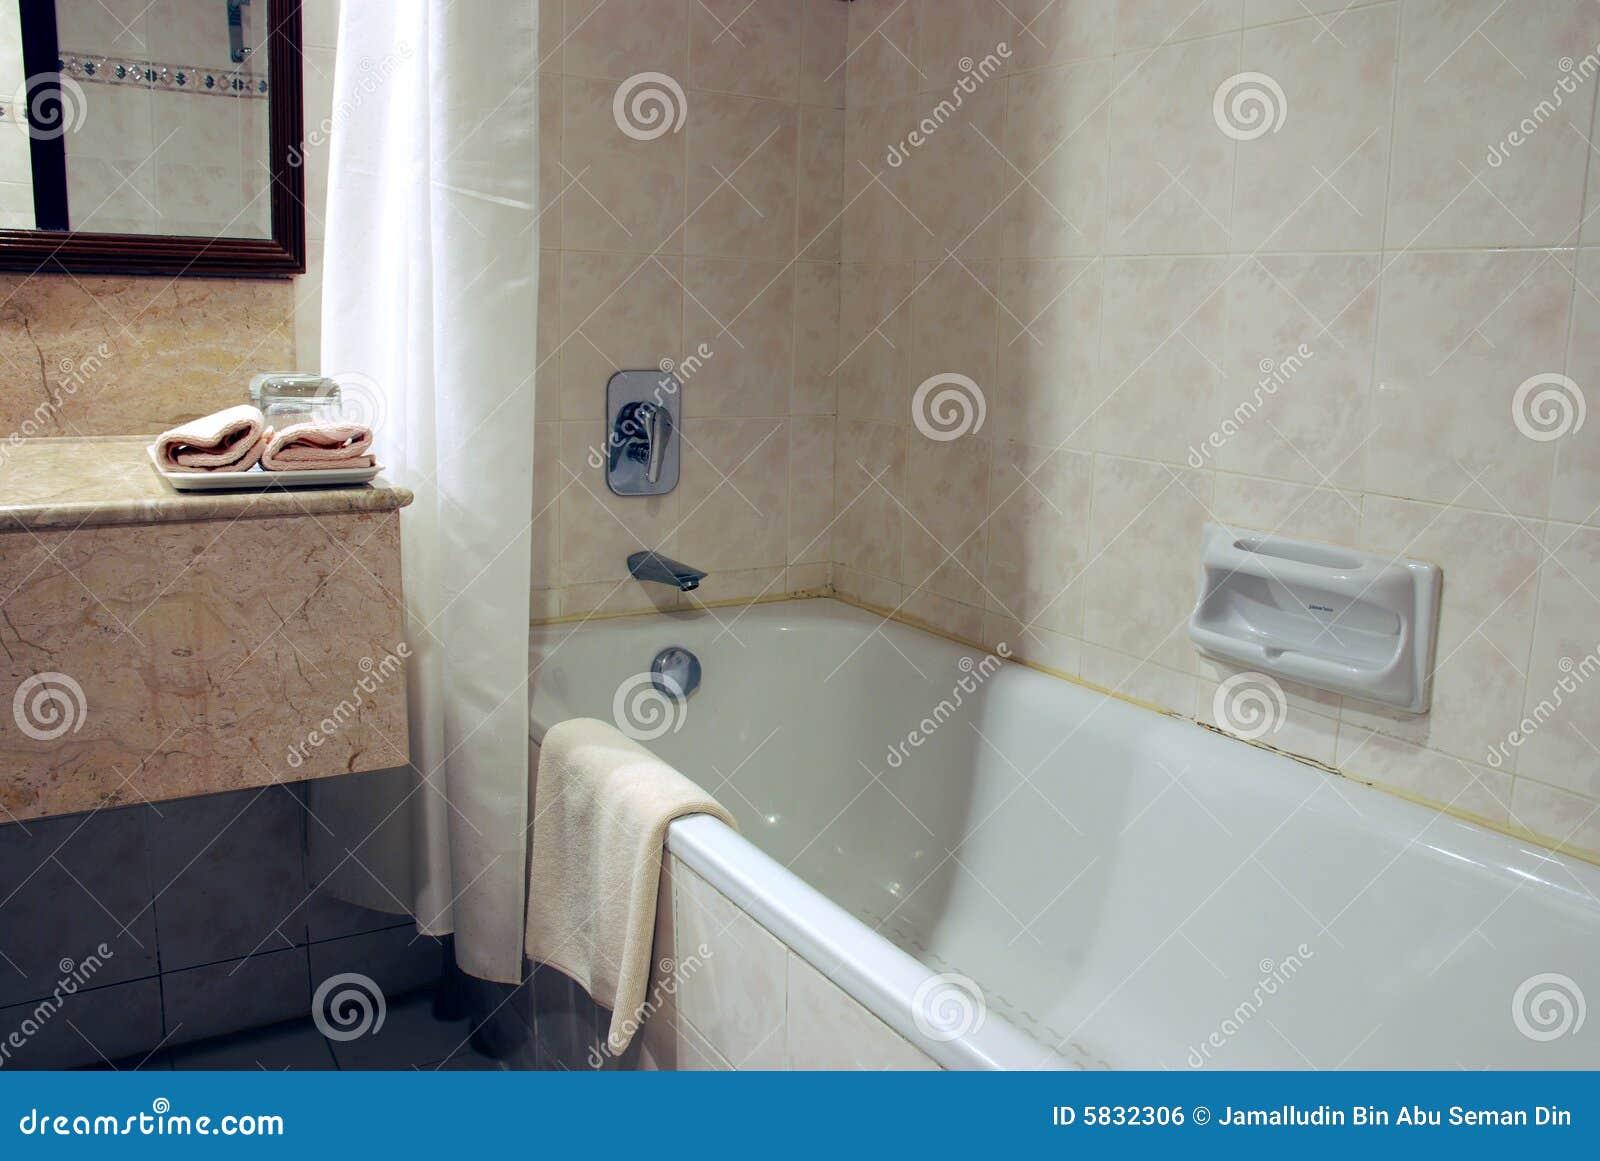 Vasca di bagno fotografia stock. immagine di interno rinfreschi